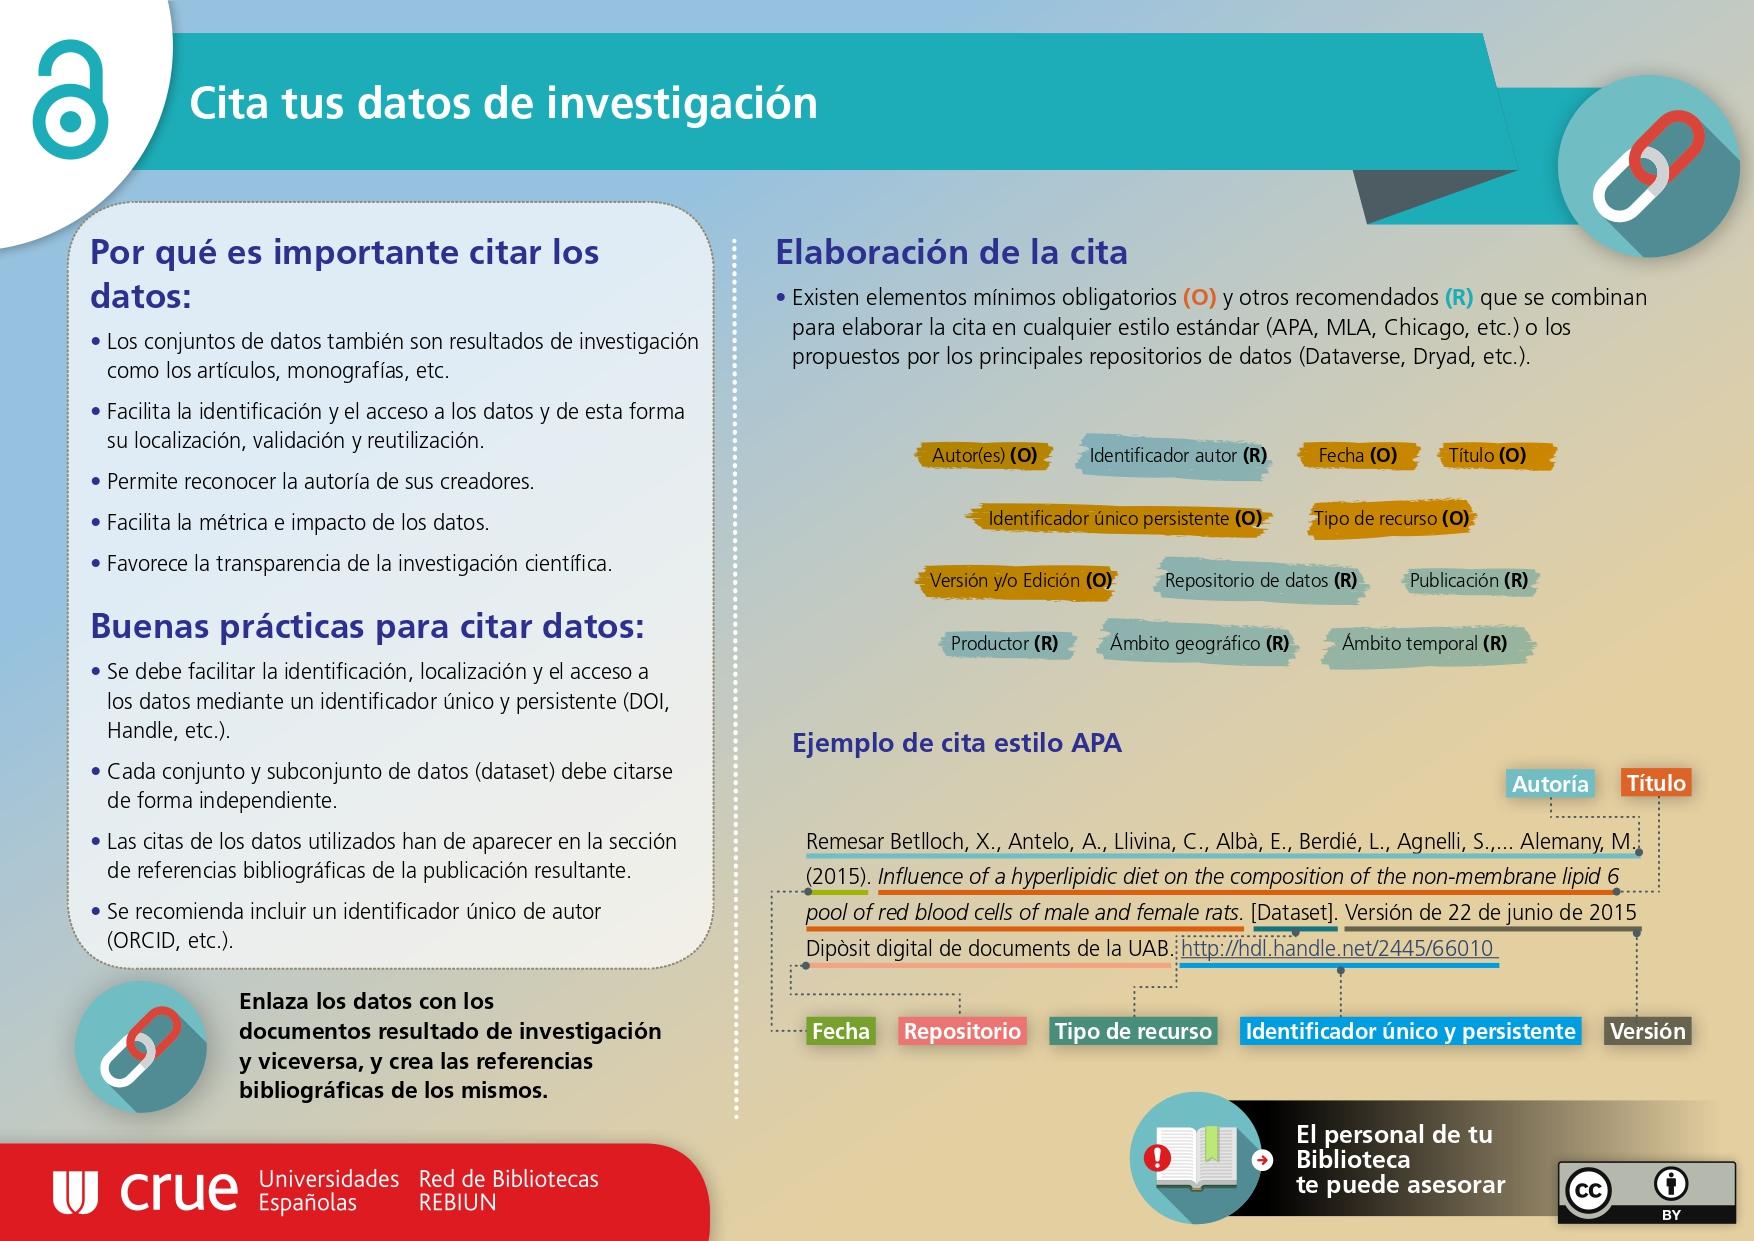 es_iiipe_linea2_subgoa_2016_infografias_castellano_pages-to-jpg-0006